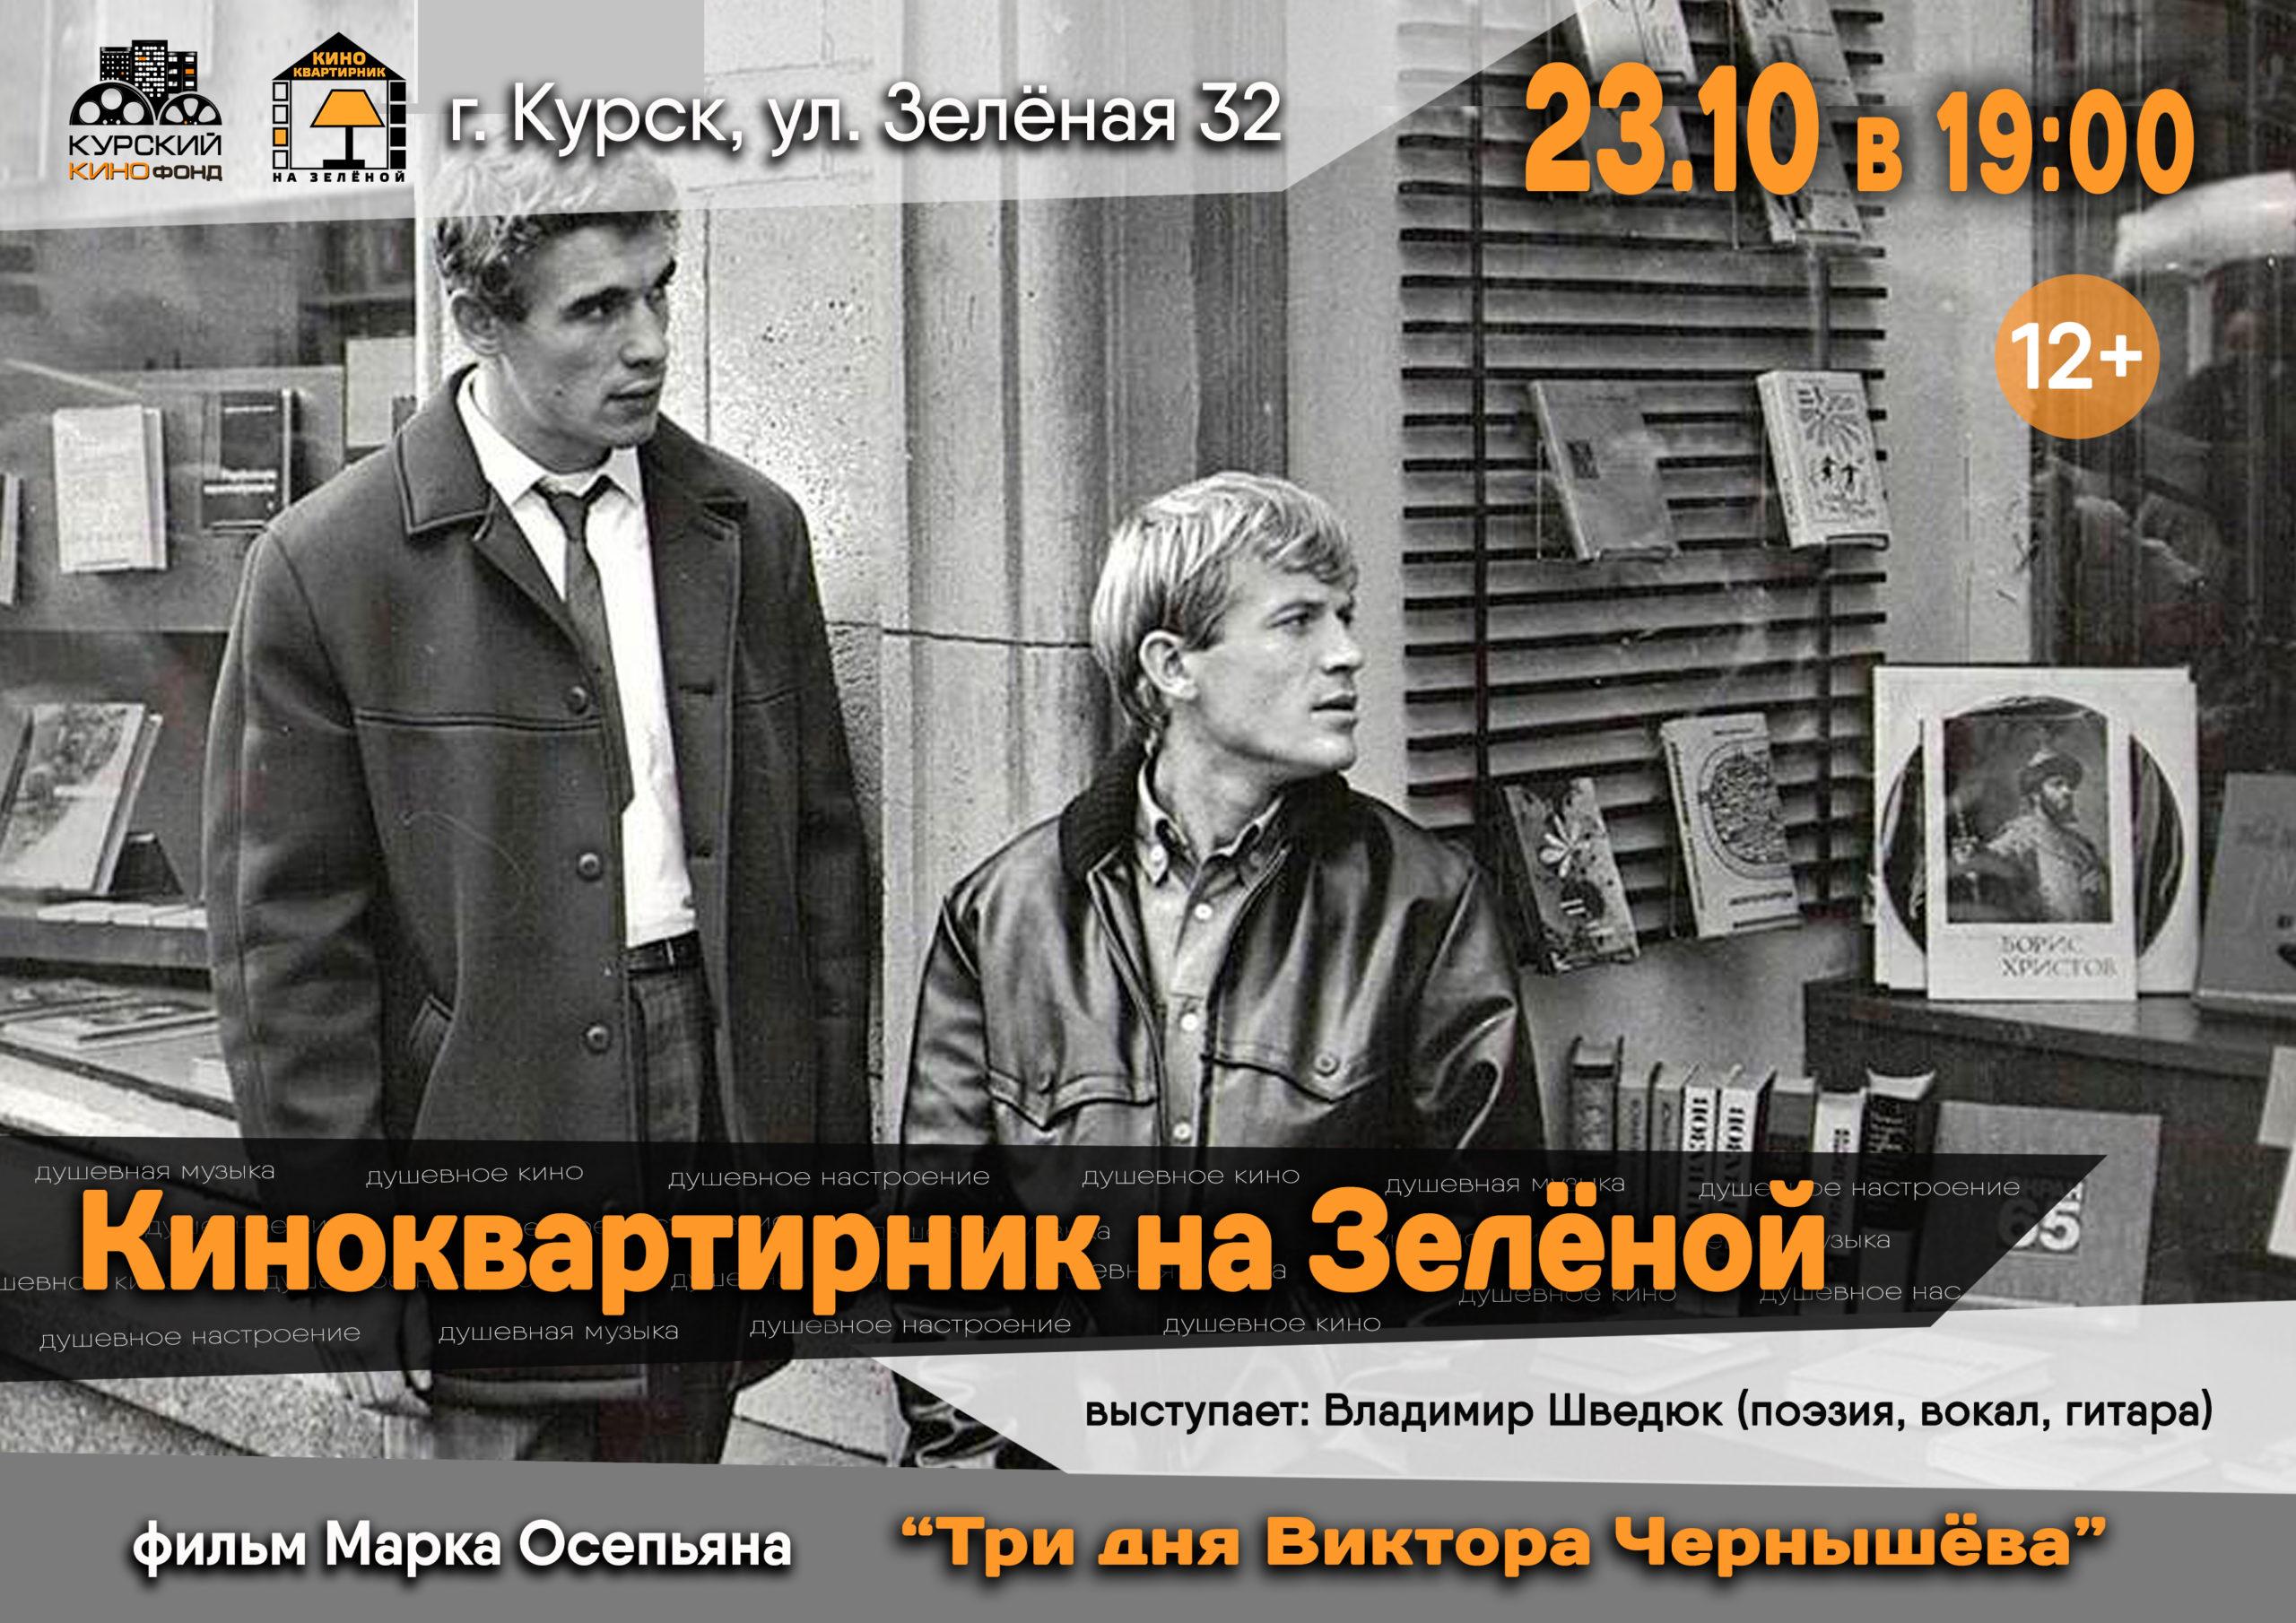 Октябрьский киноквартирник на Зеленой